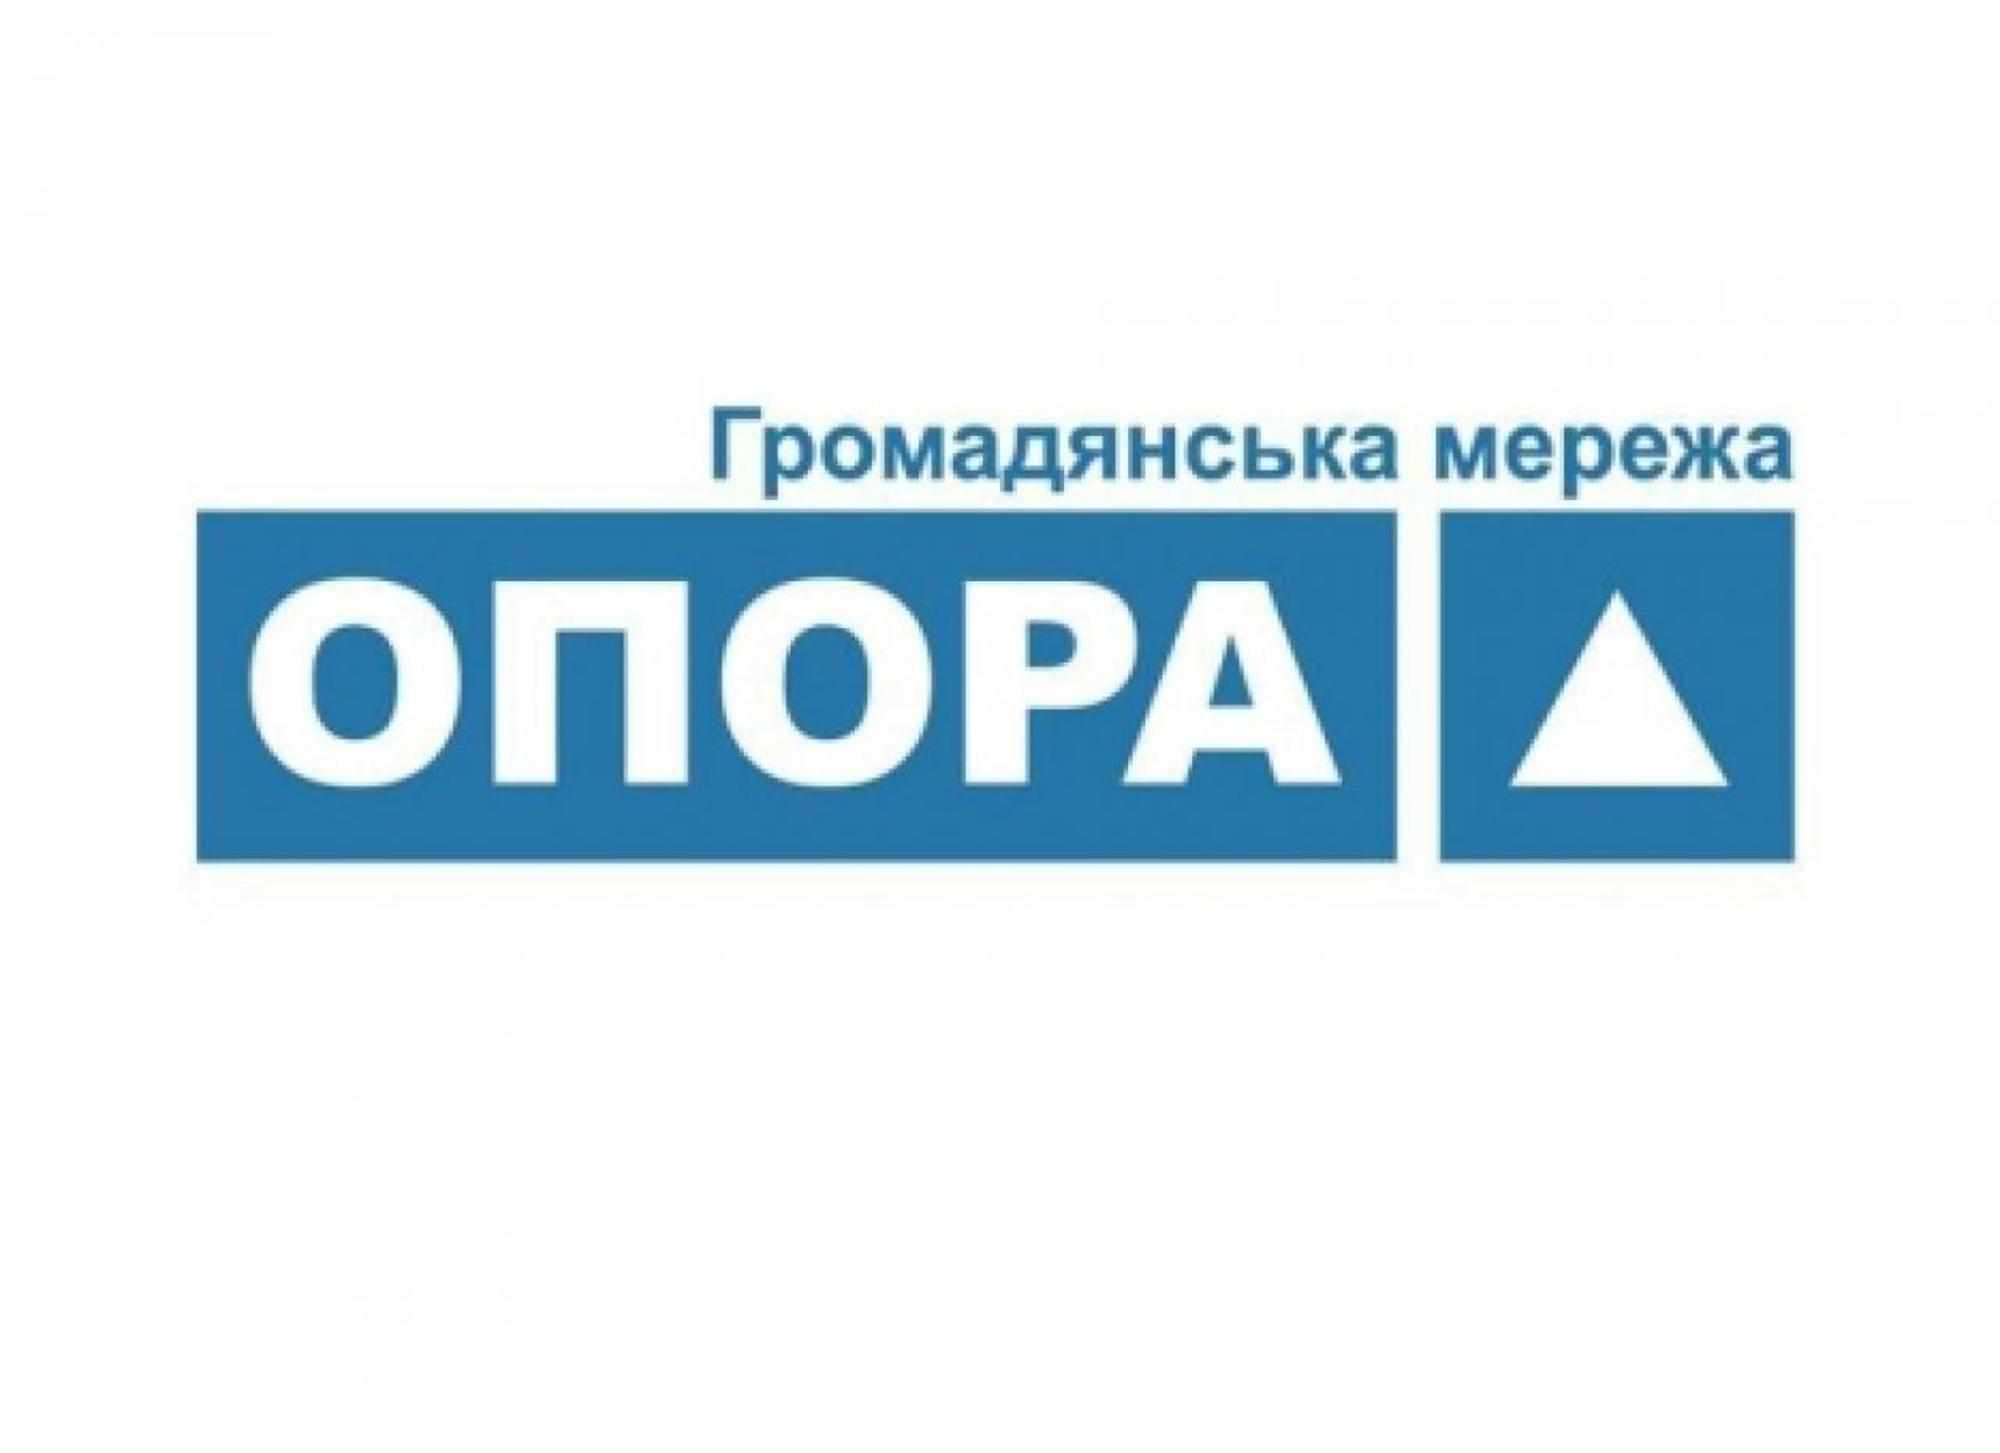 Волинського нардепа піарять на субвенціях з держбюджету. ФОТО